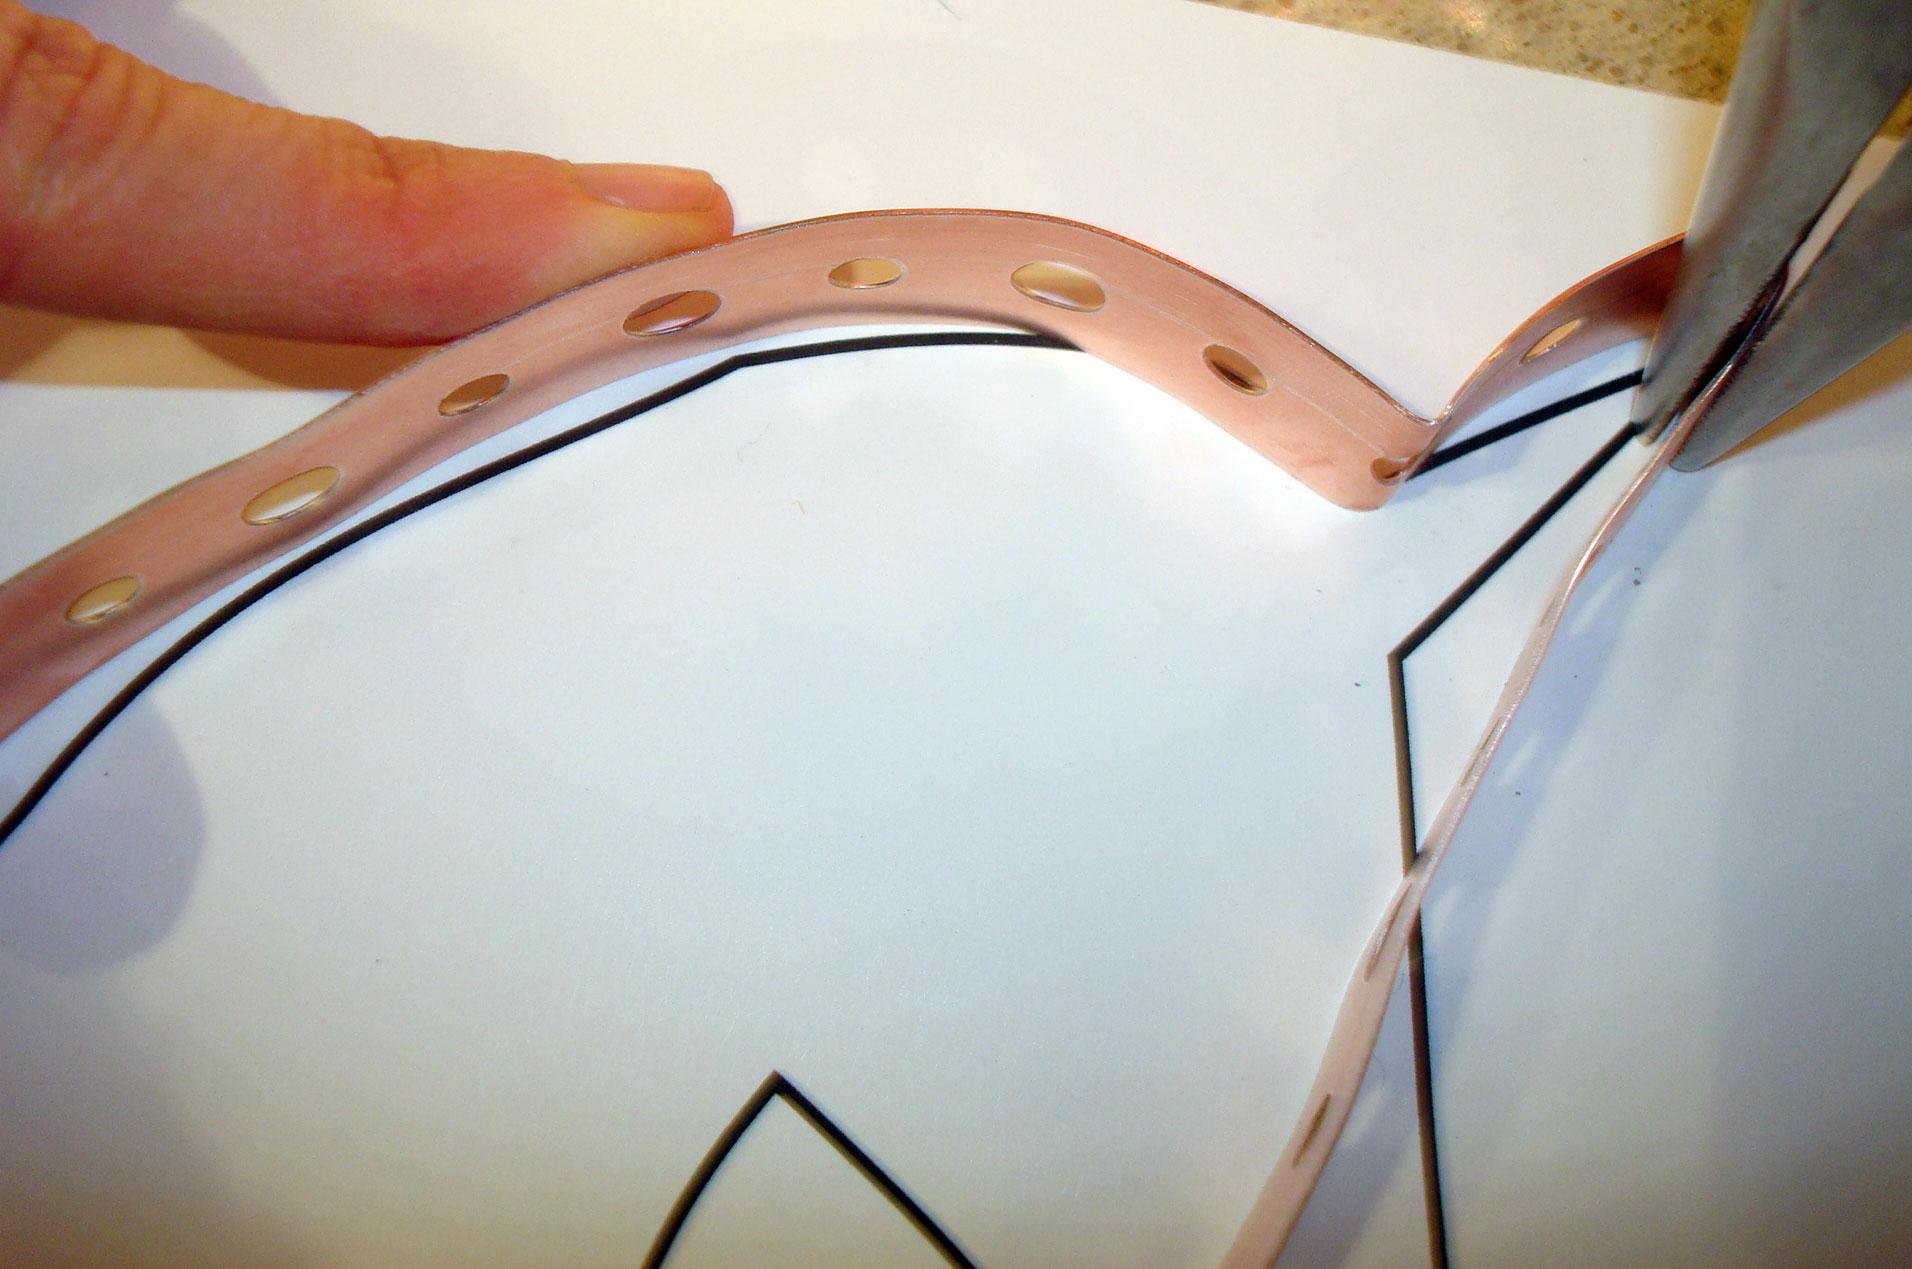 Shaping Metal Strip